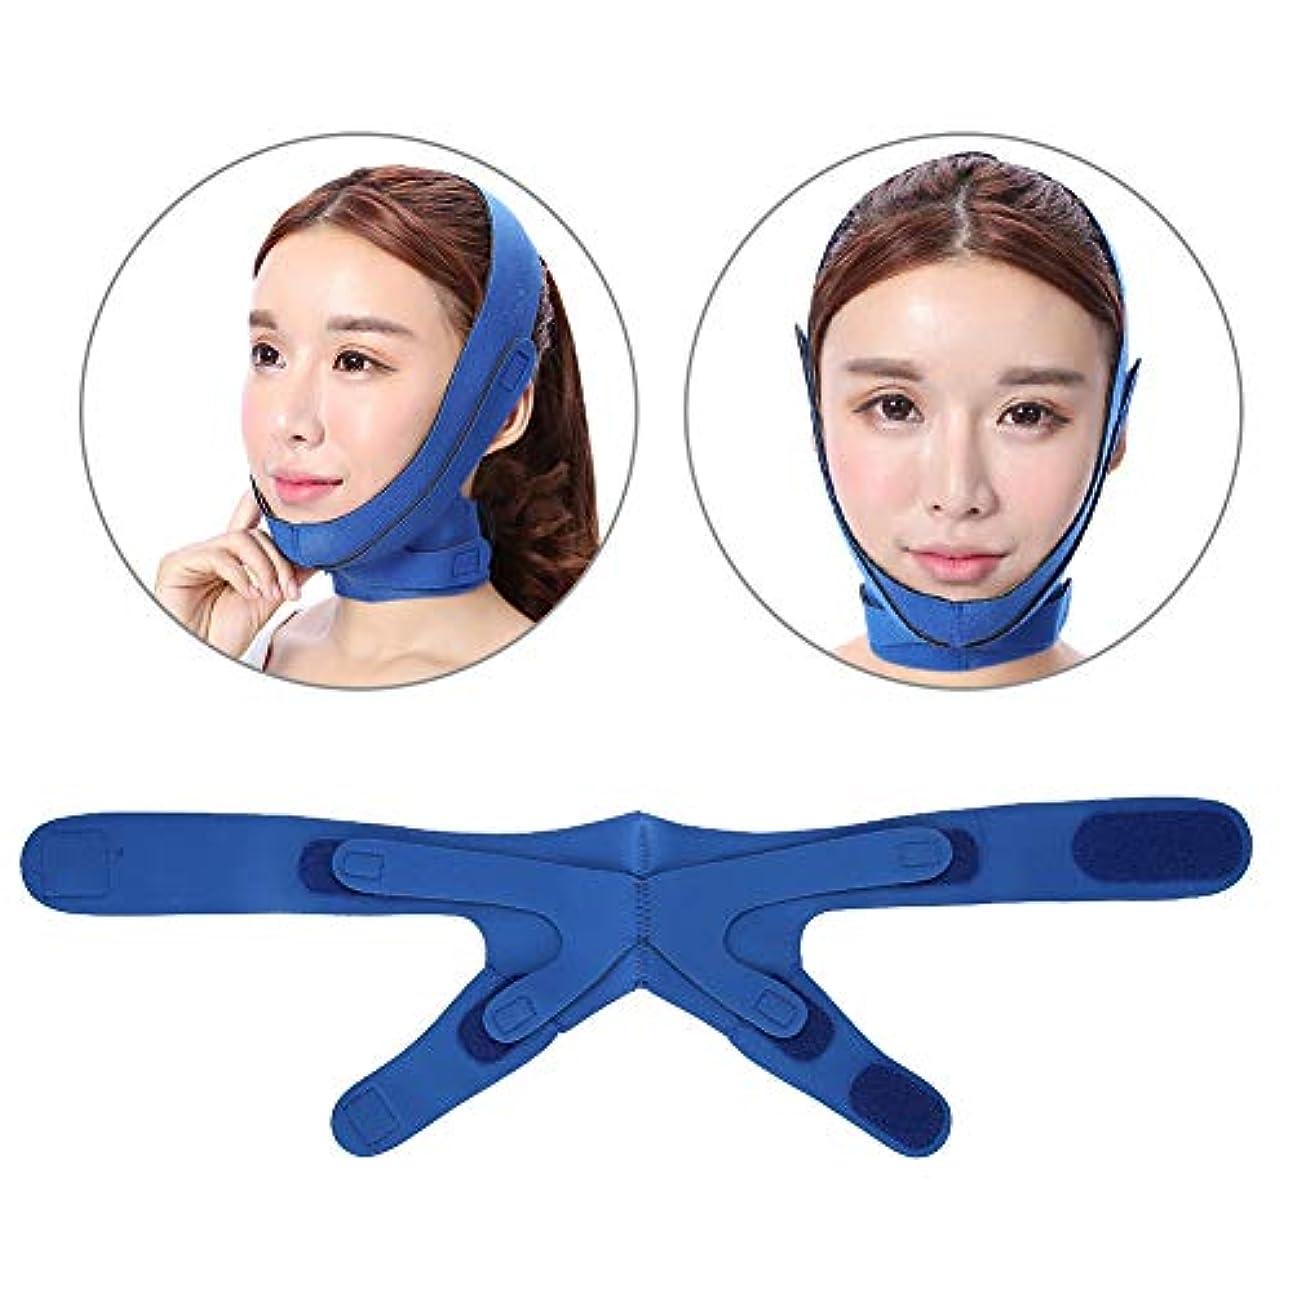 クラス腕クラウドVラインバンド首の圧縮の表面、反二重あごの 引き締まった肌の革紐の調節可能な引き締めの表面スキンケアの持ち上がる覆いのための持ち上がる表面ベルトの顔の細くのあごのマスク